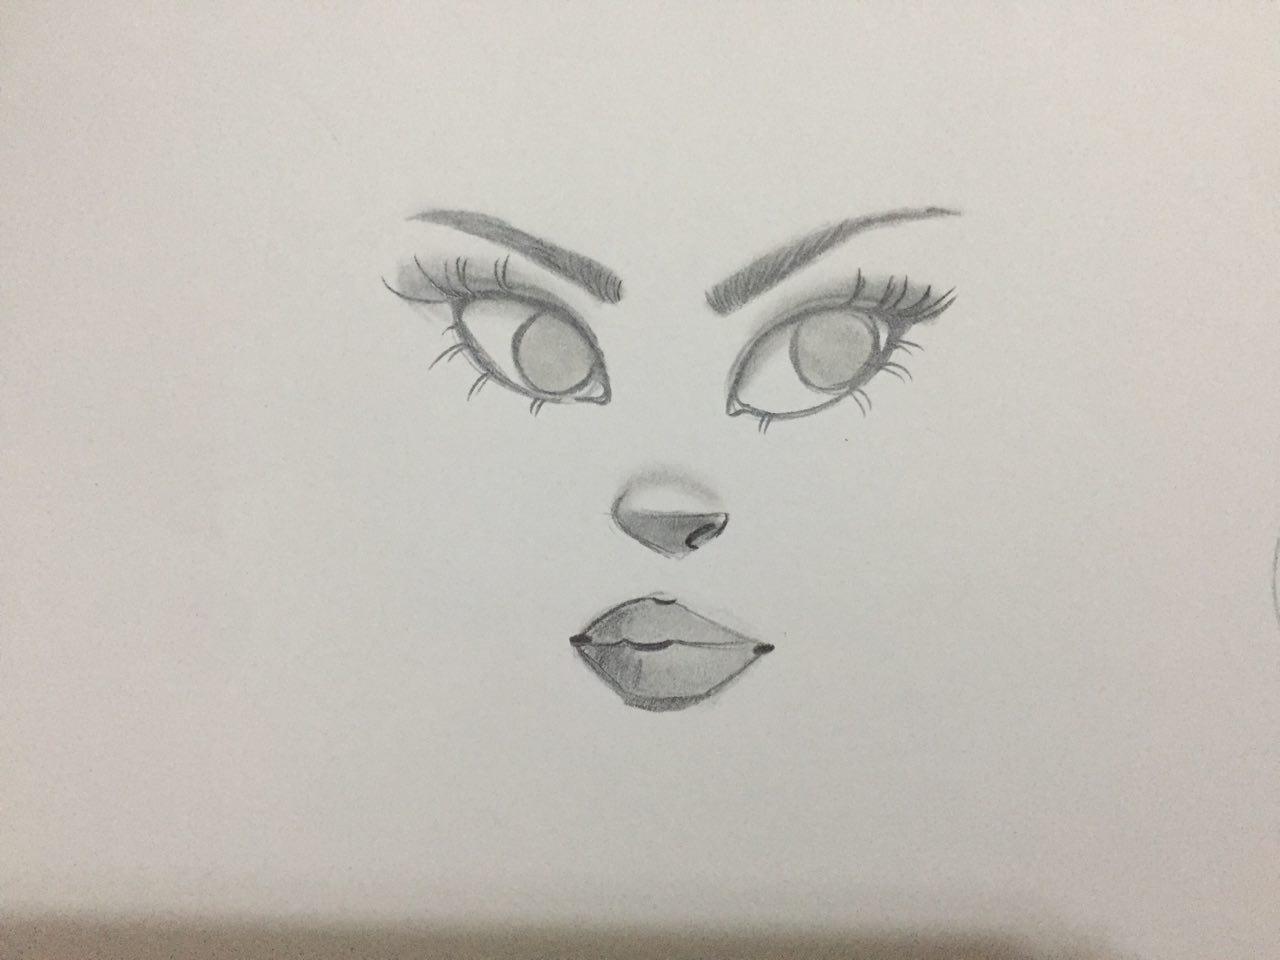 بالصور رسومات سهله وحلوه , رسم جميل وتعليم الرسم بسهوله 343 10